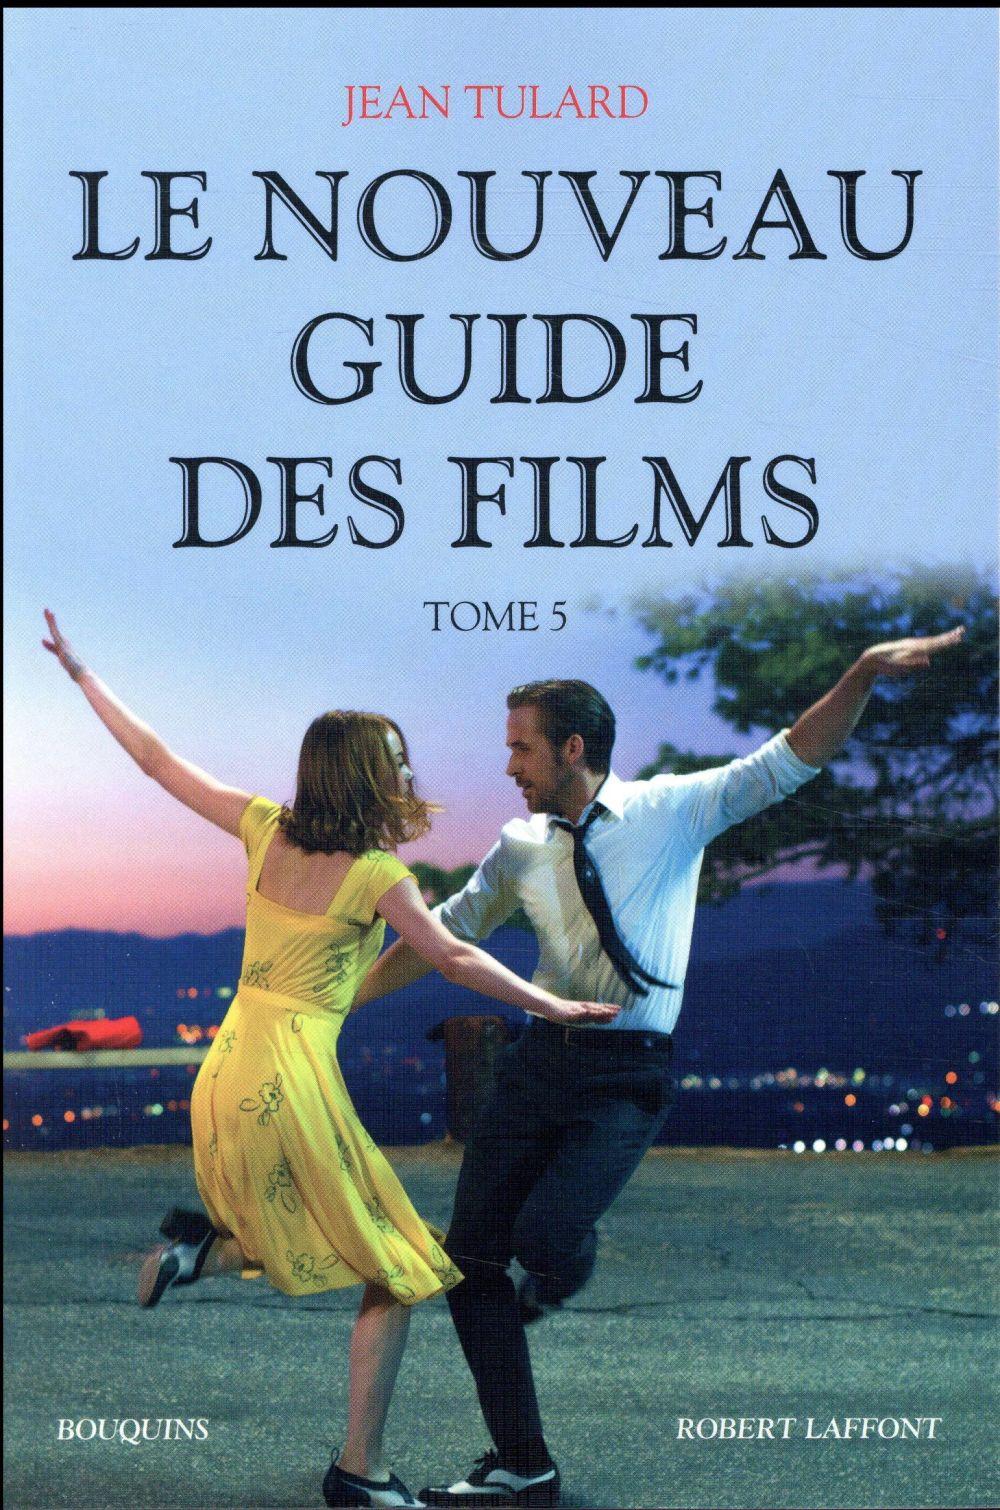 LE NOUVEAU GUIDE DES FILMS - T TULARD JEAN BOUQUINS